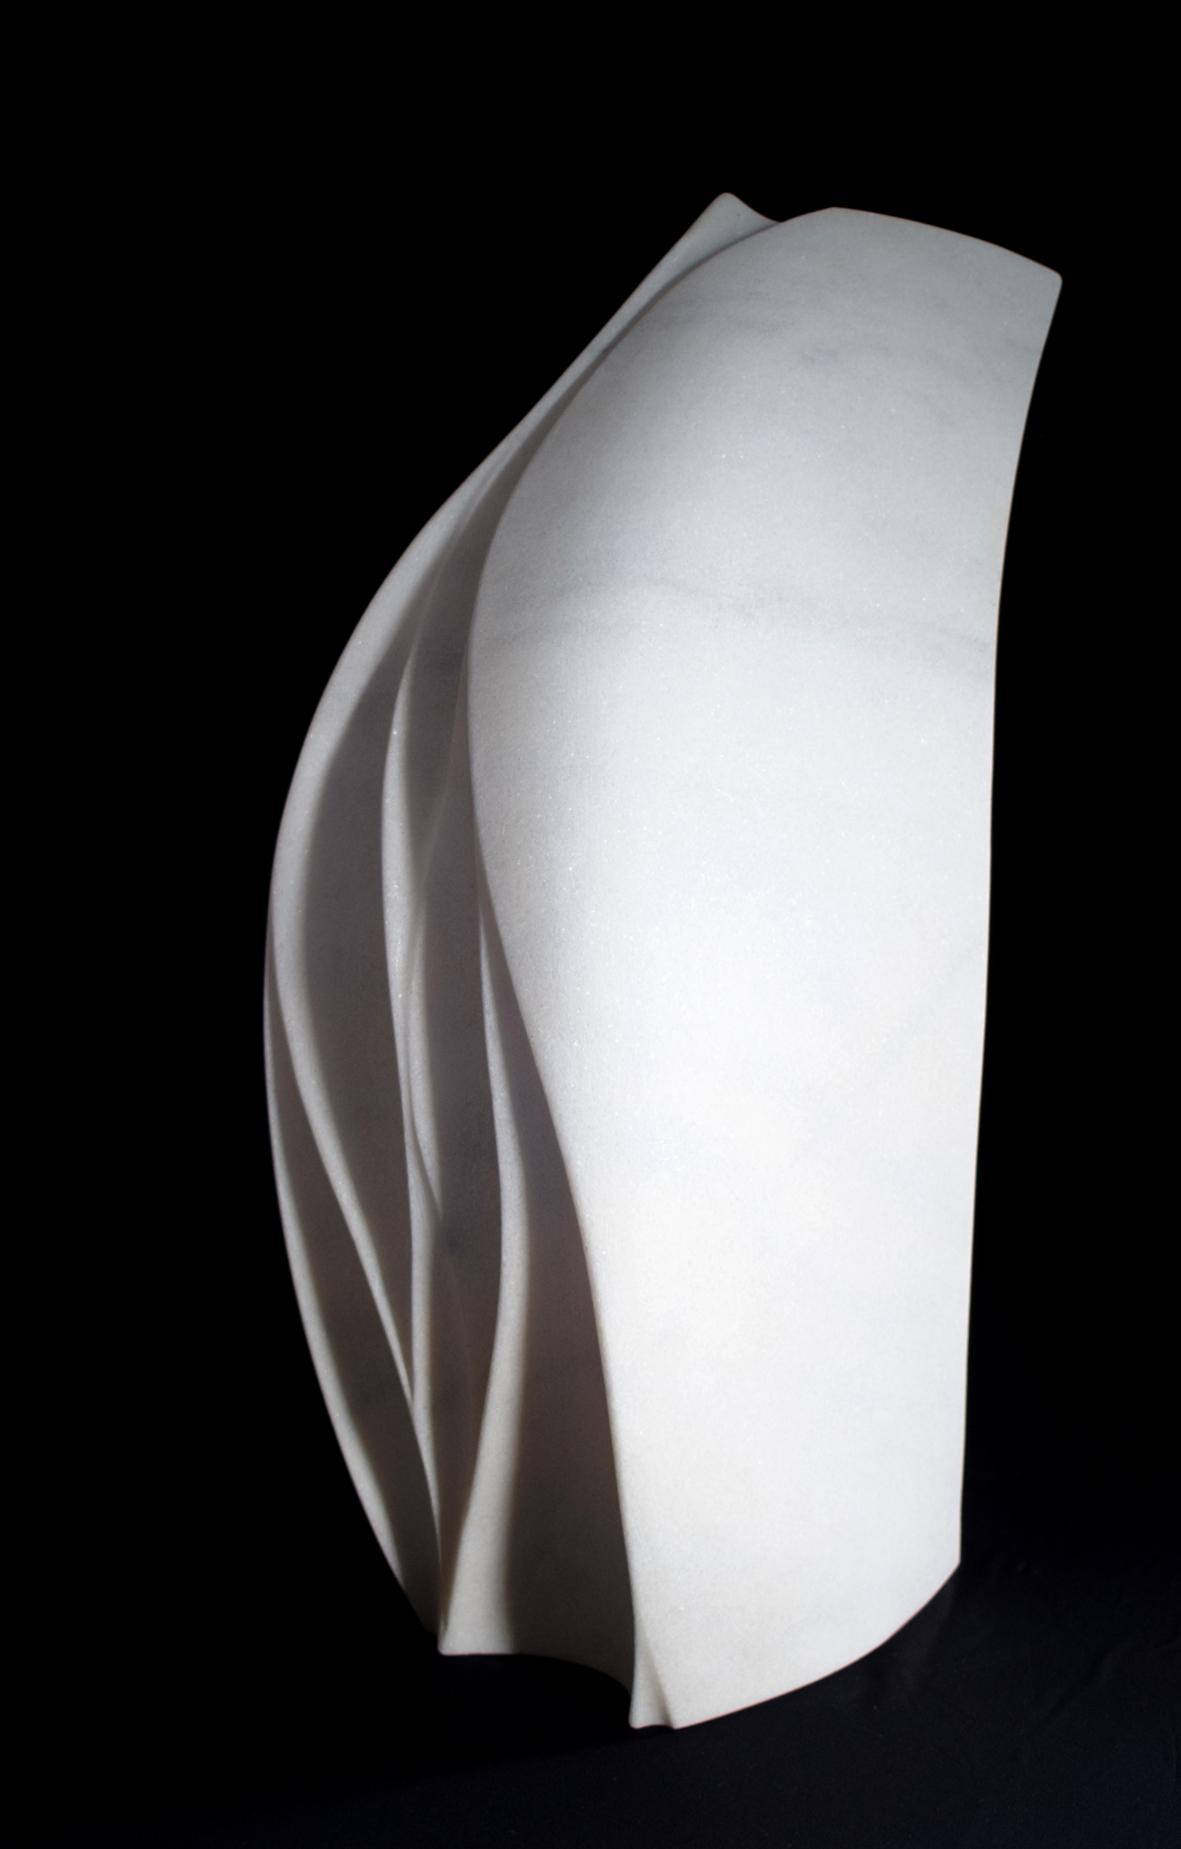 Regina Schnersch, Segel, 2019, Marmor, 32 x 18 x 54 cm